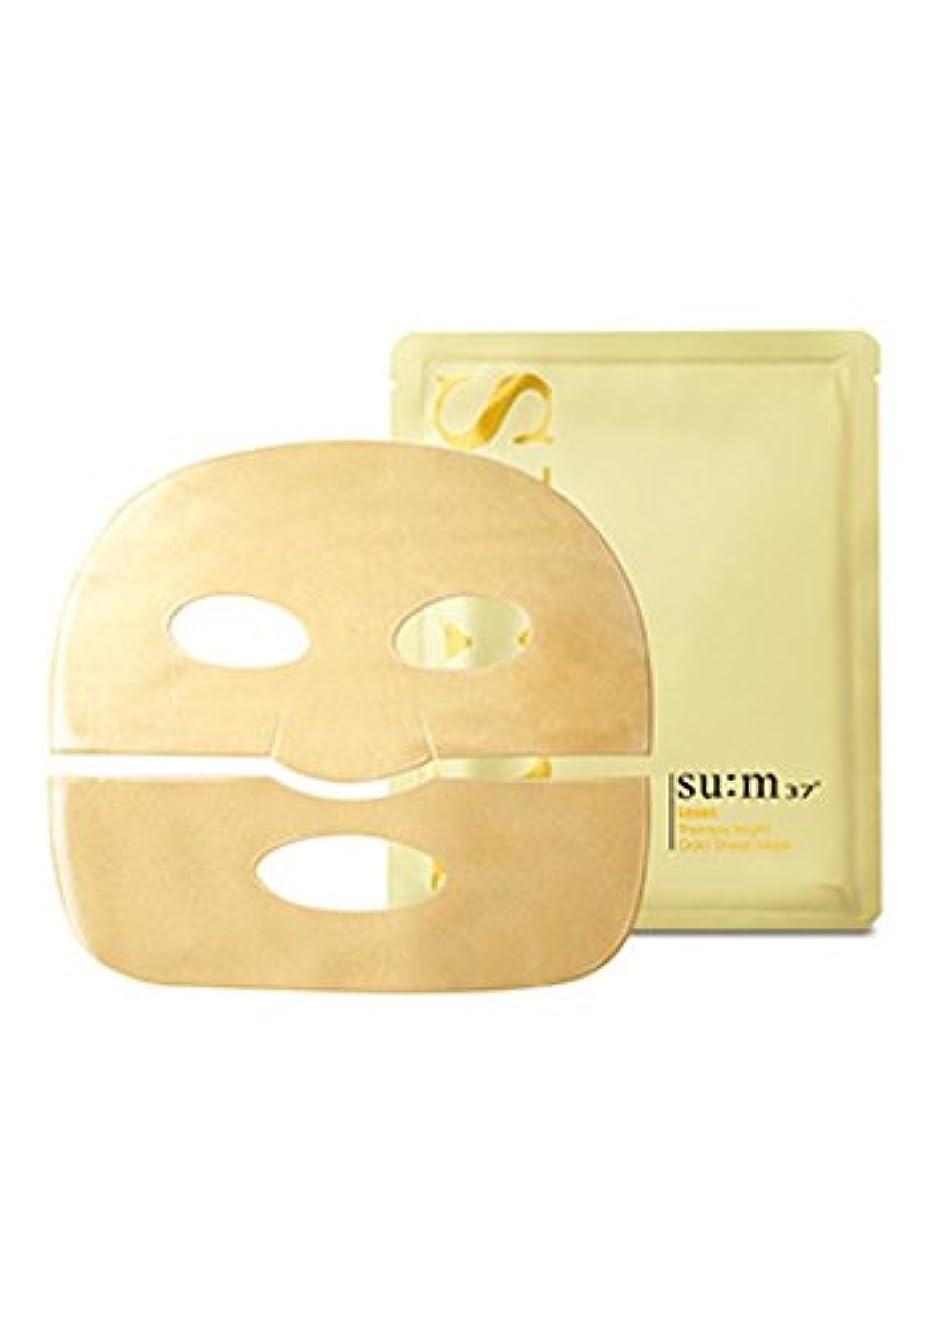 家族宝石知り合いsu:m37° Losec Therapy Night Gold Sheet Mask 7Sheets/スム37° ロセック セラピー ナイト ゴールド シートマスク 7枚